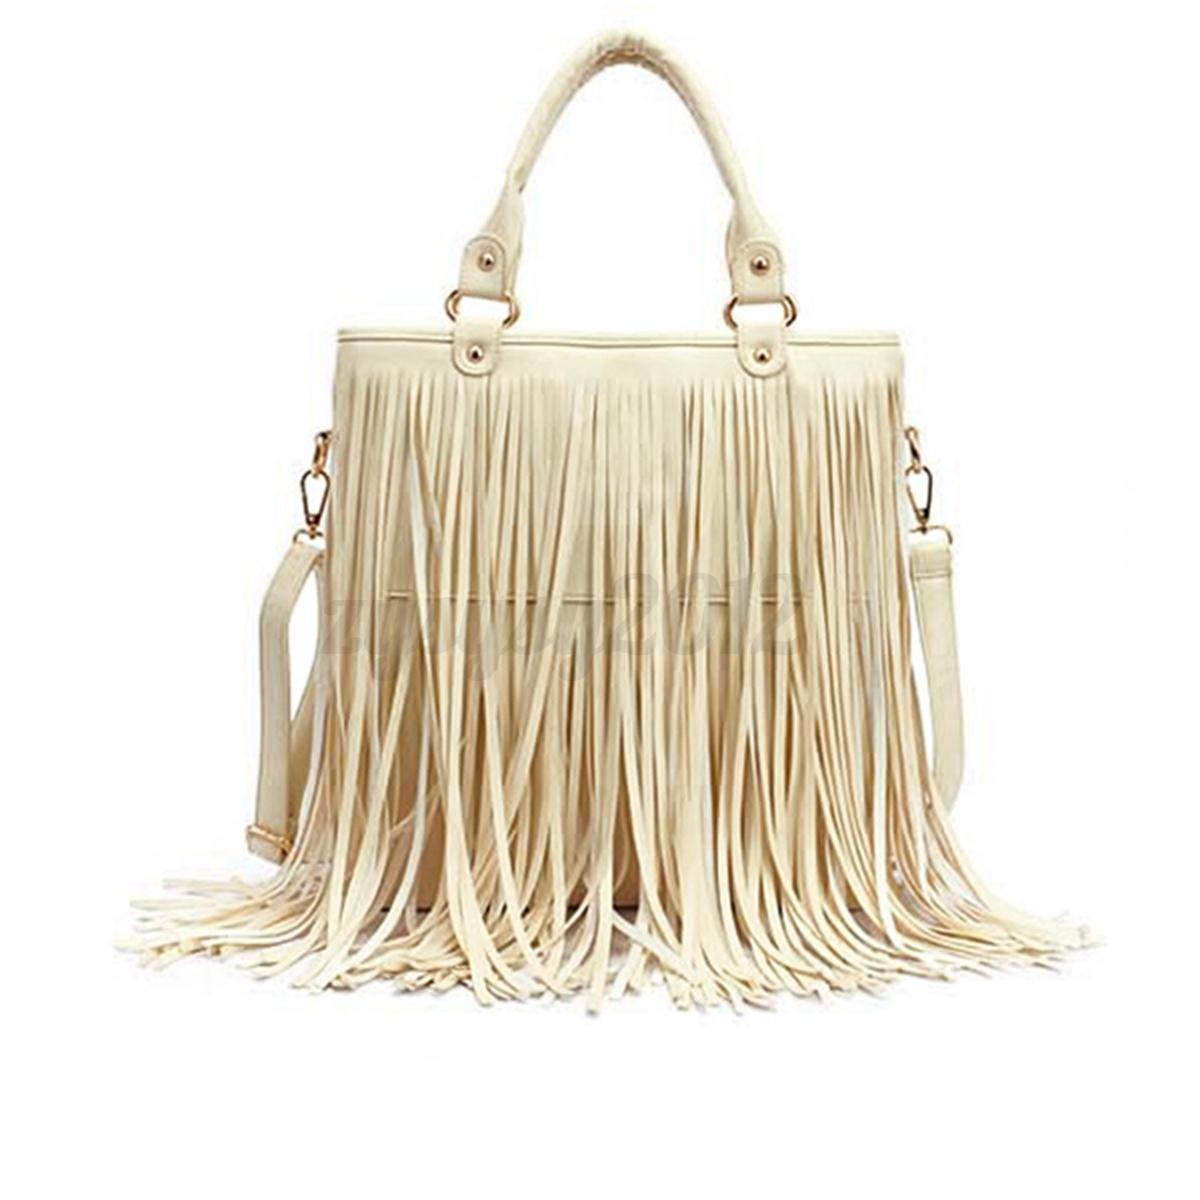 Amazon.com: fringe purse: Clothing, Shoes & Jewelry